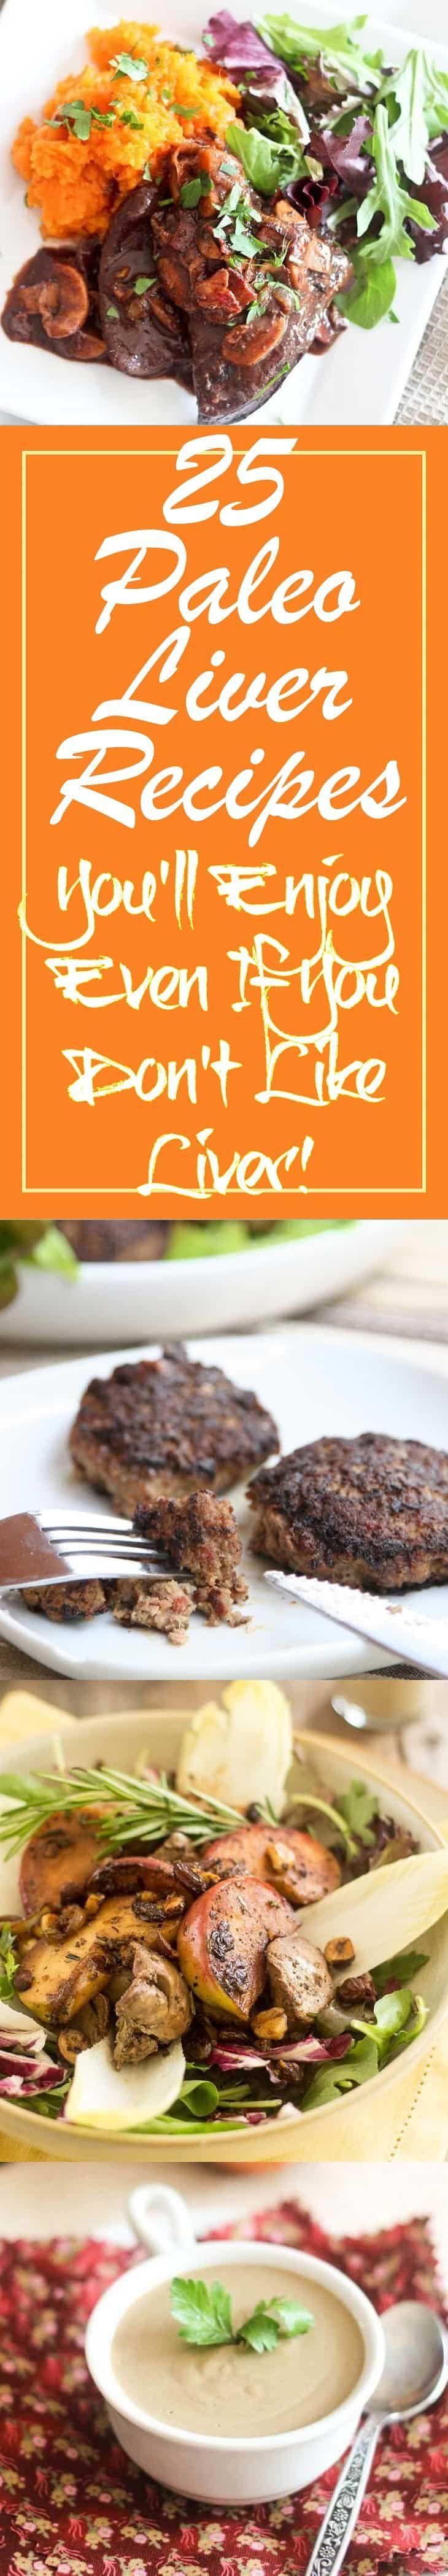 25 Paleo Liver Recipes You'll Enjoy Even If You Don't Like Liver!  https://paleomagazine.com/paleo-liver-recipes/